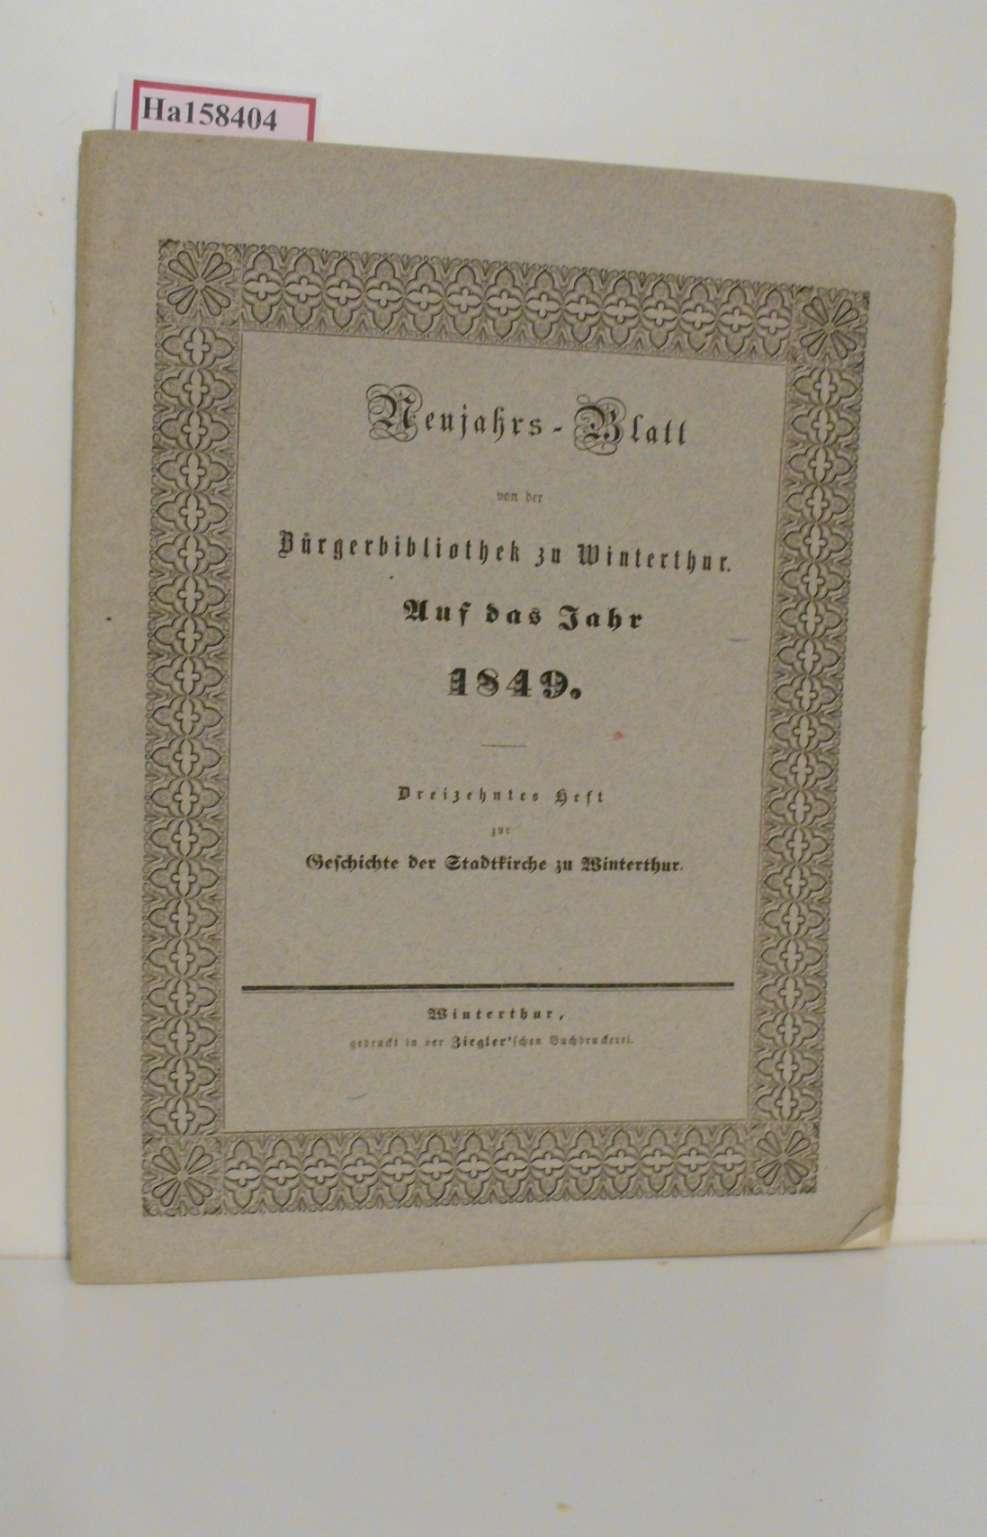 Geschichte der Stadtkirche zu Winterthur. (= Neujahrs-Blatt von der Bürgerbibliothek in Winterthur auf das Jahr 1849, 13).